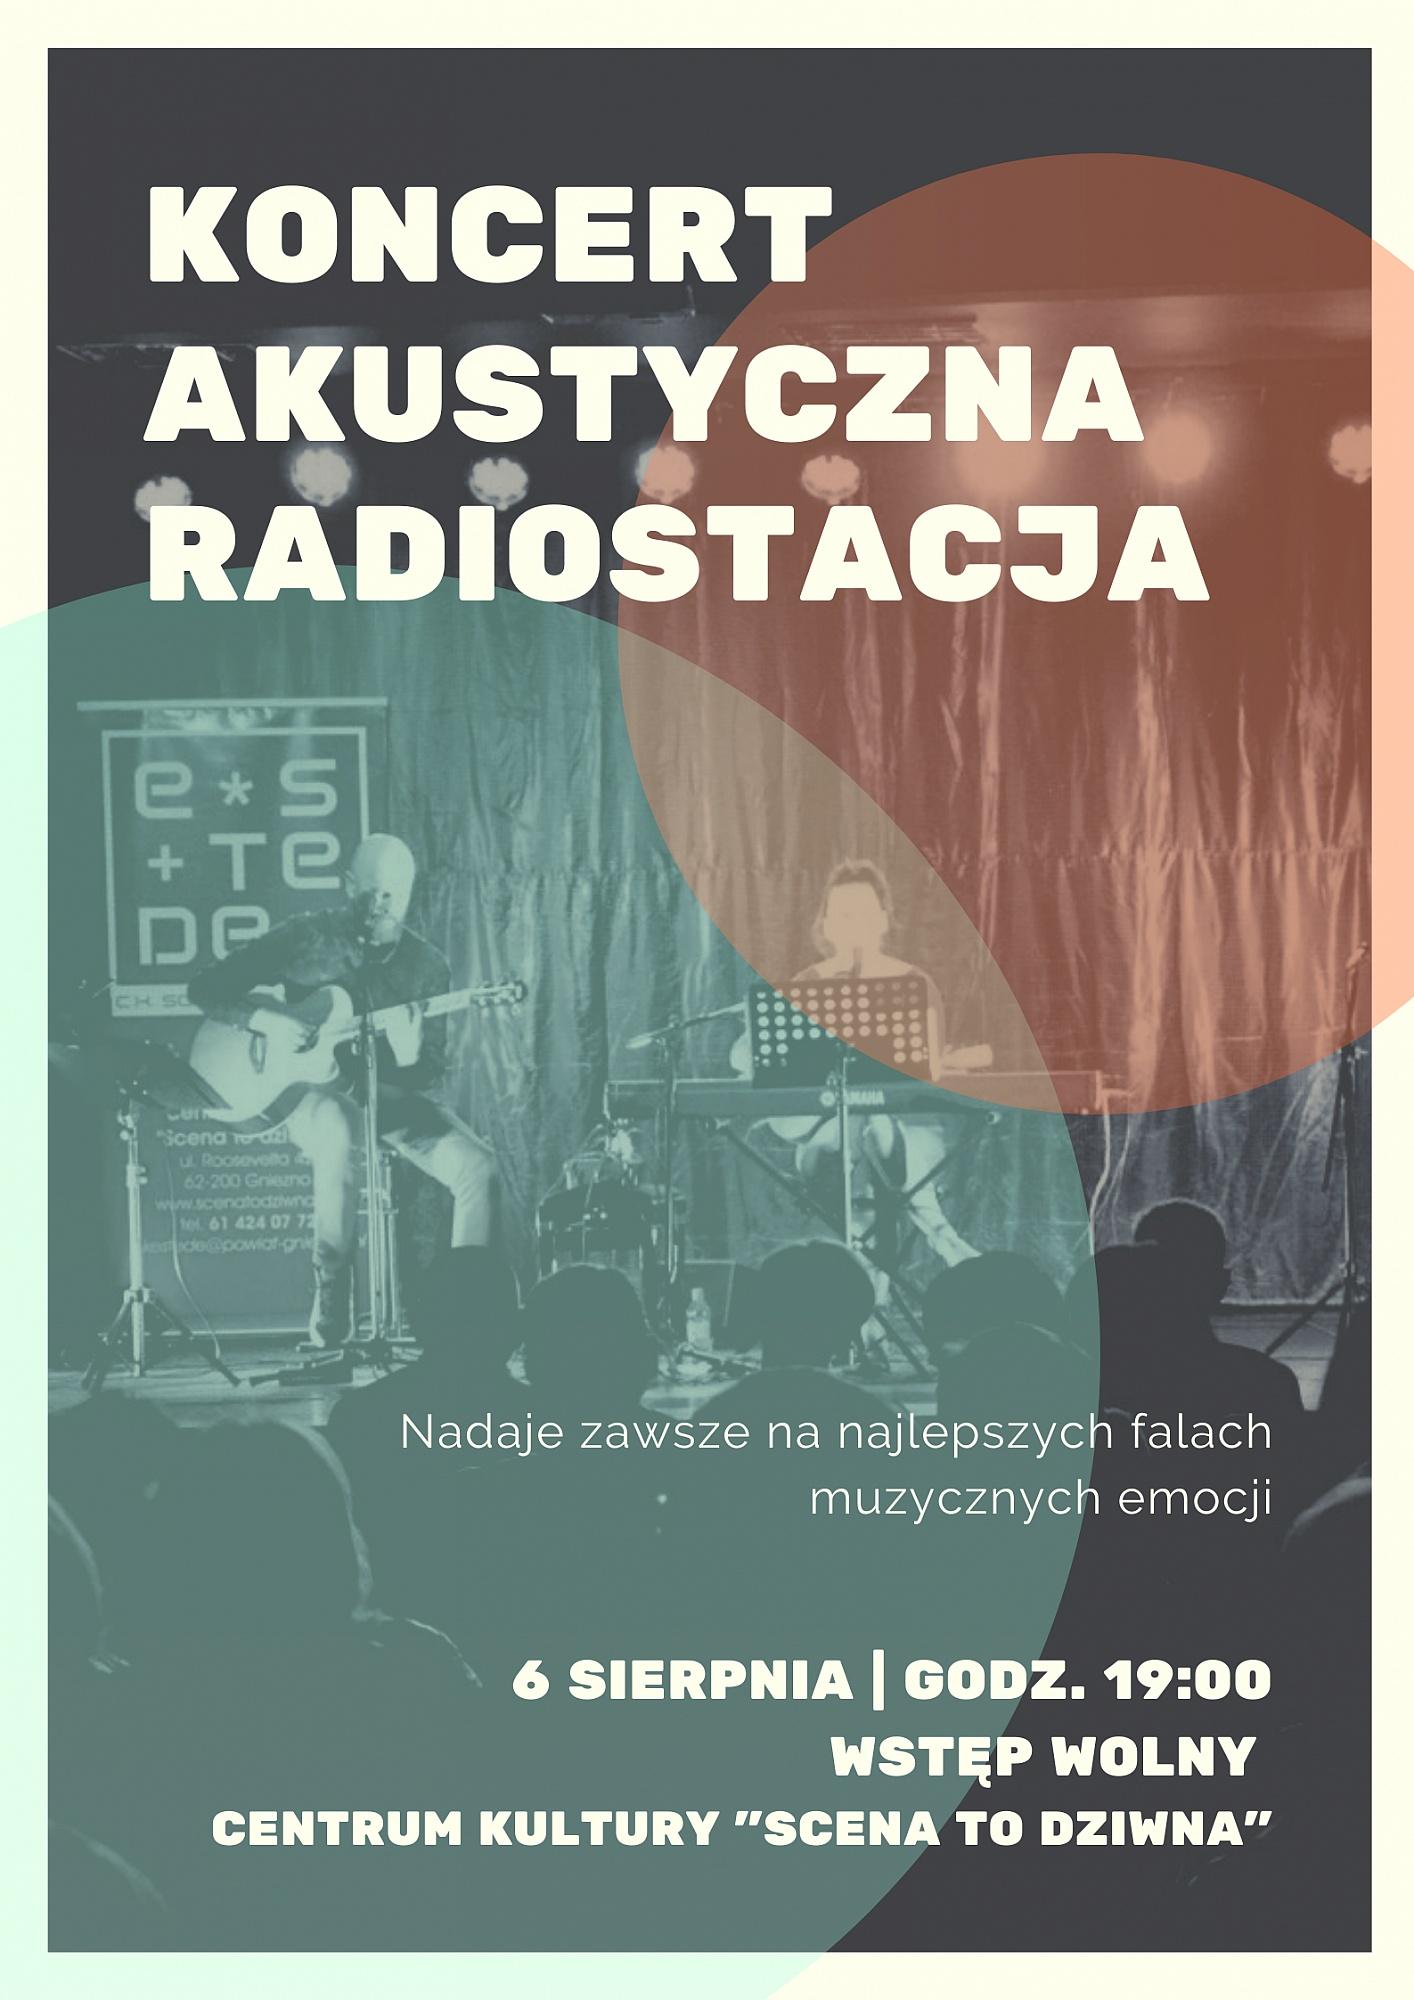 Akustyczna Radiostacja już w piątek w eSTeDe